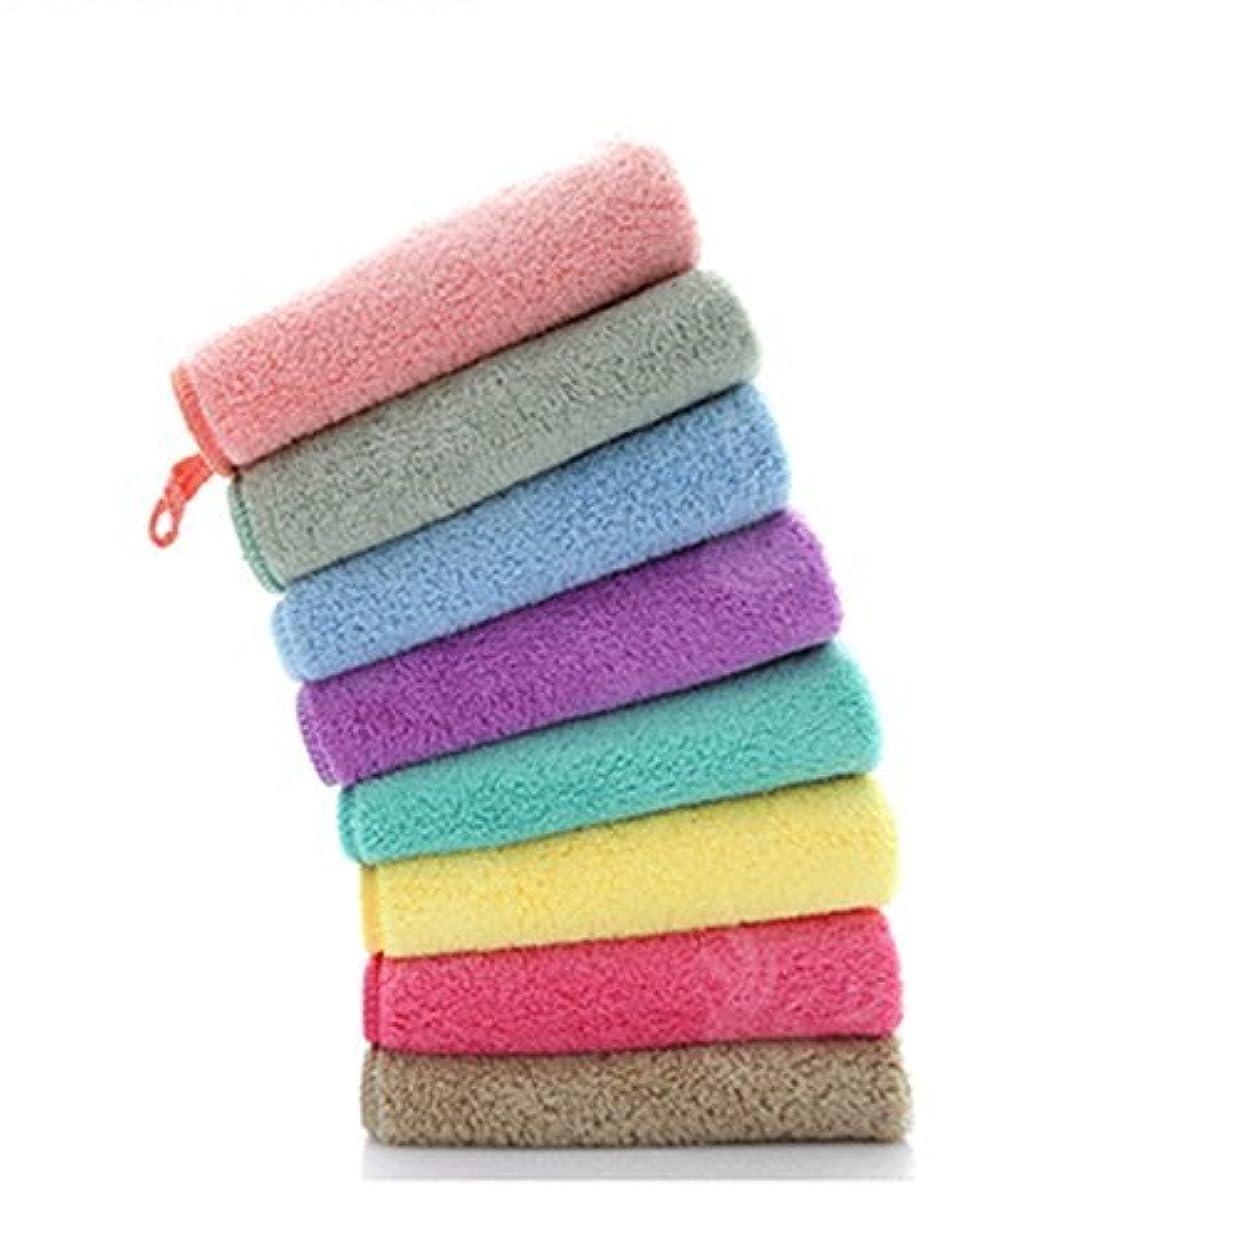 熱意それぞれ列挙する(非ブランド品)メイク落としタオル 超細繊維 ソフト 吸水 可愛い6色セット